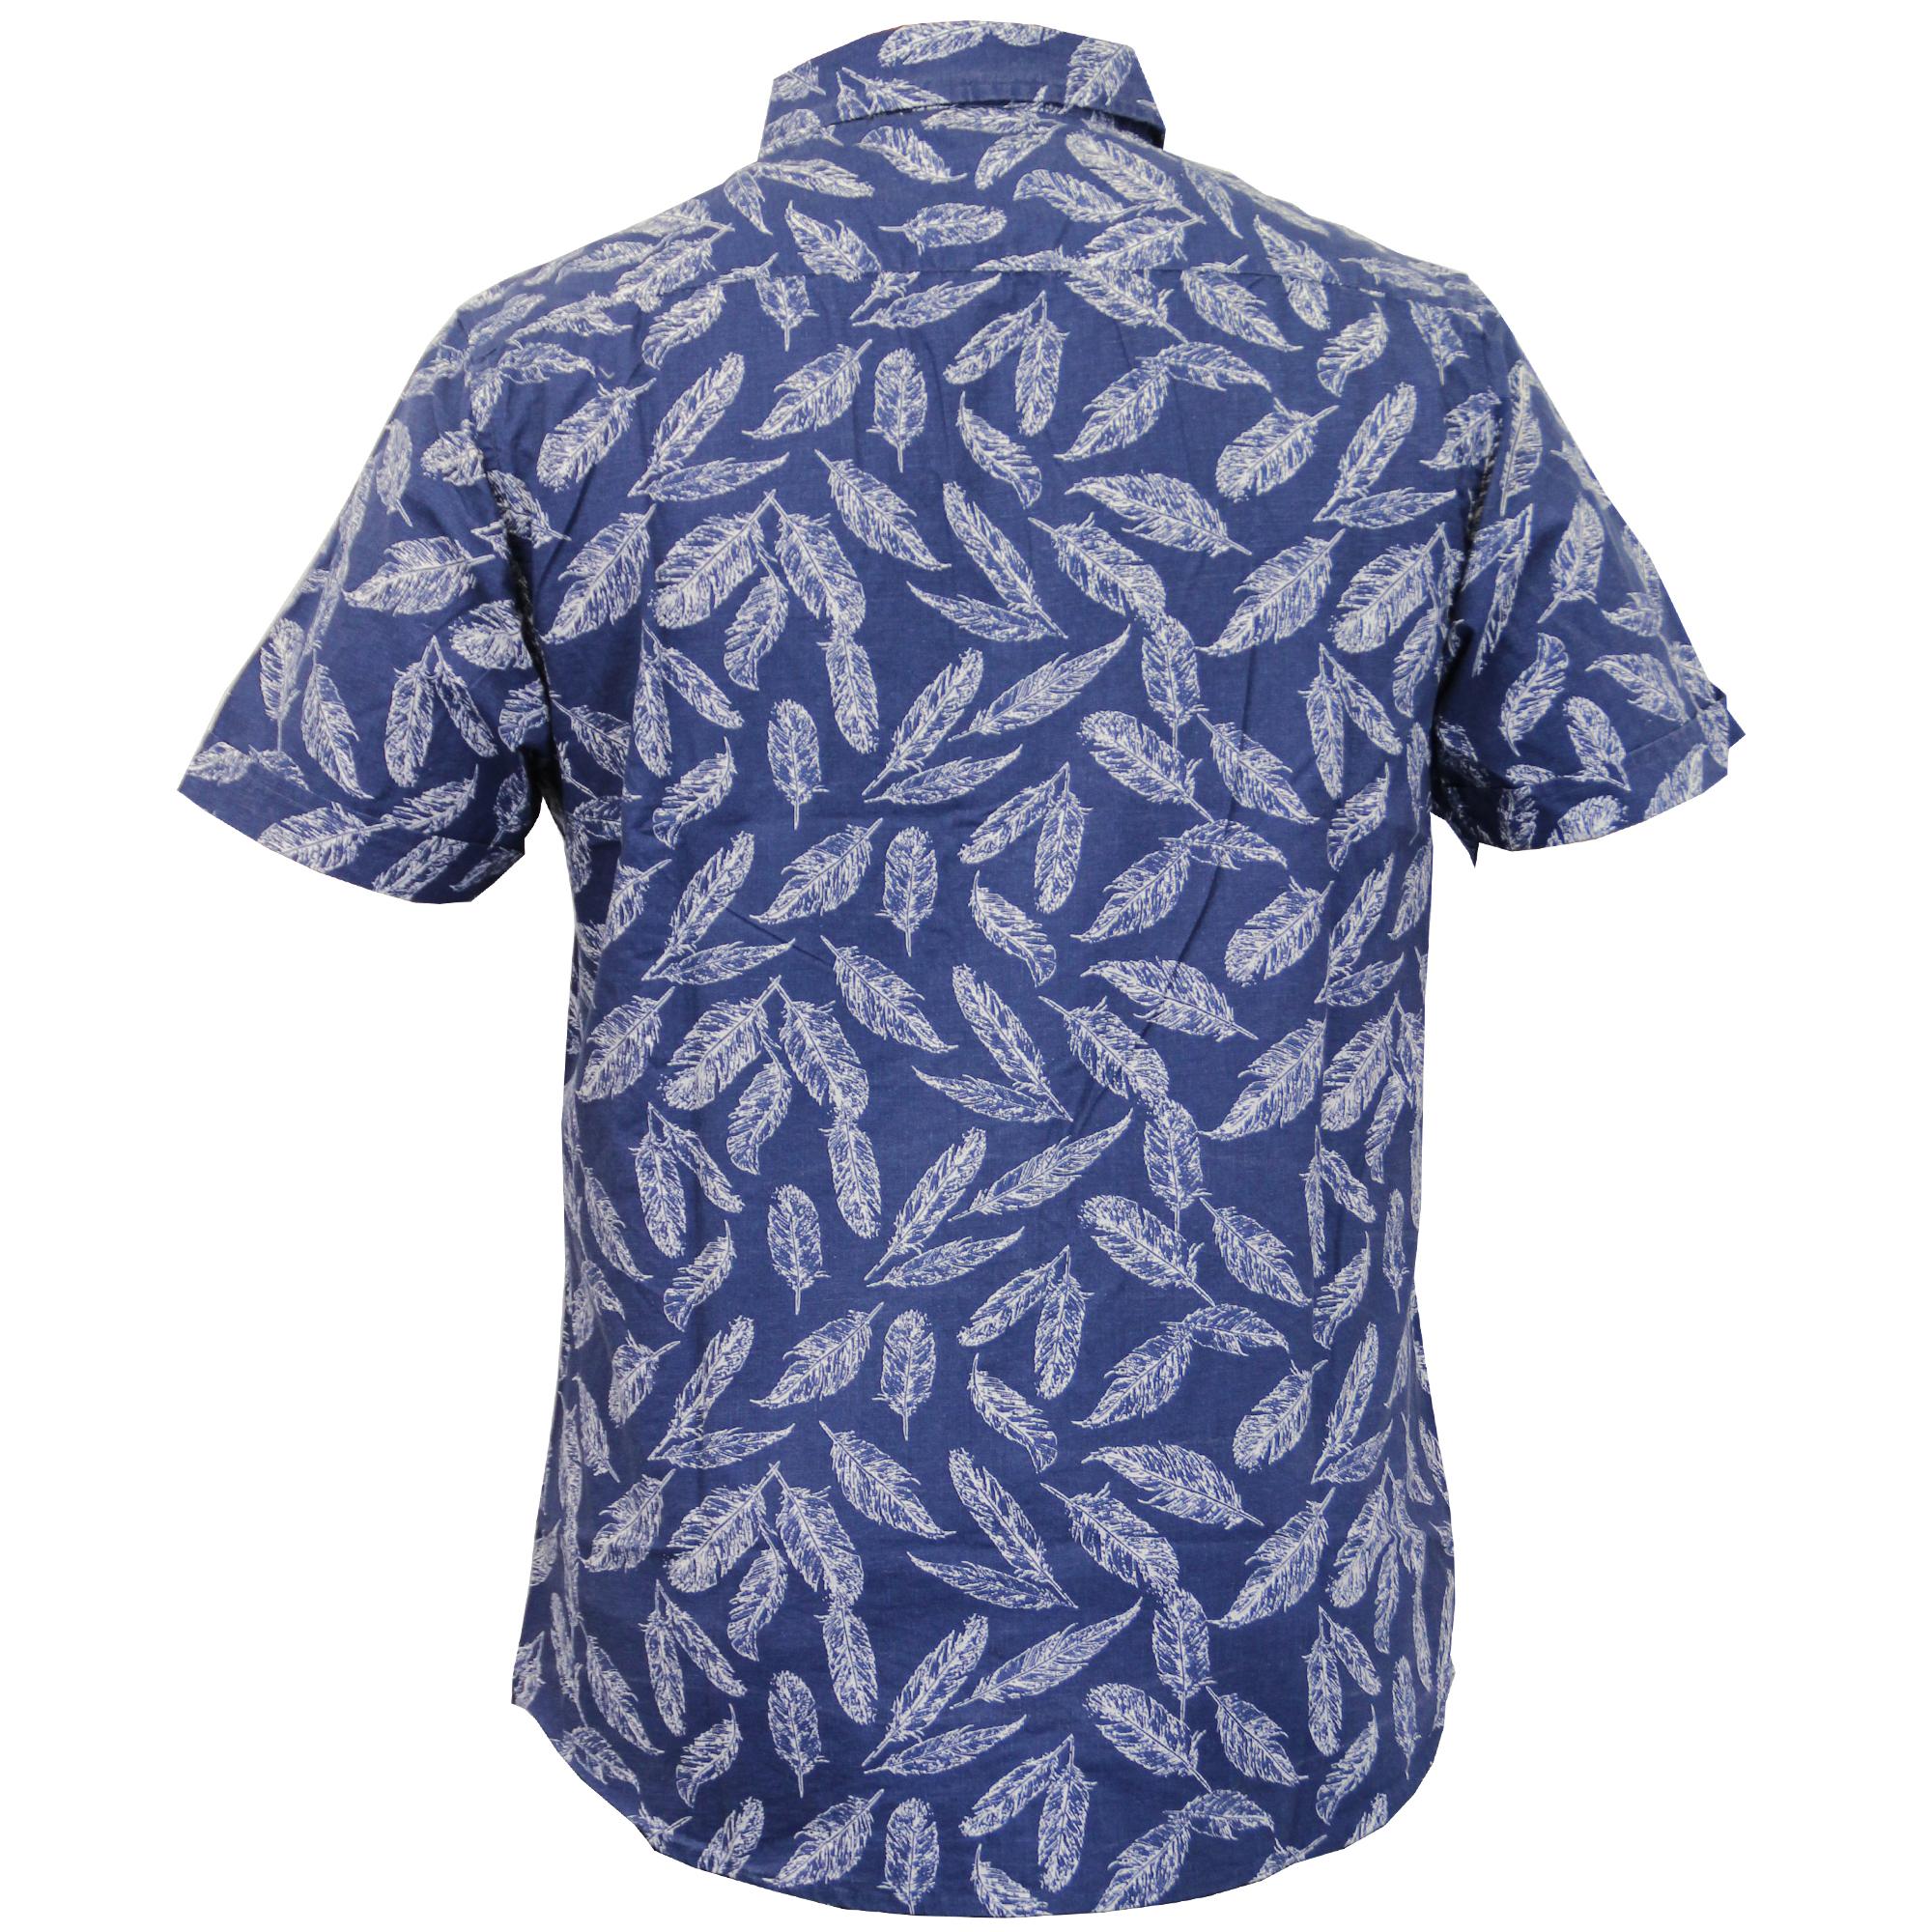 Camisa estampada de hombre, de manga corta, con gaviotas.